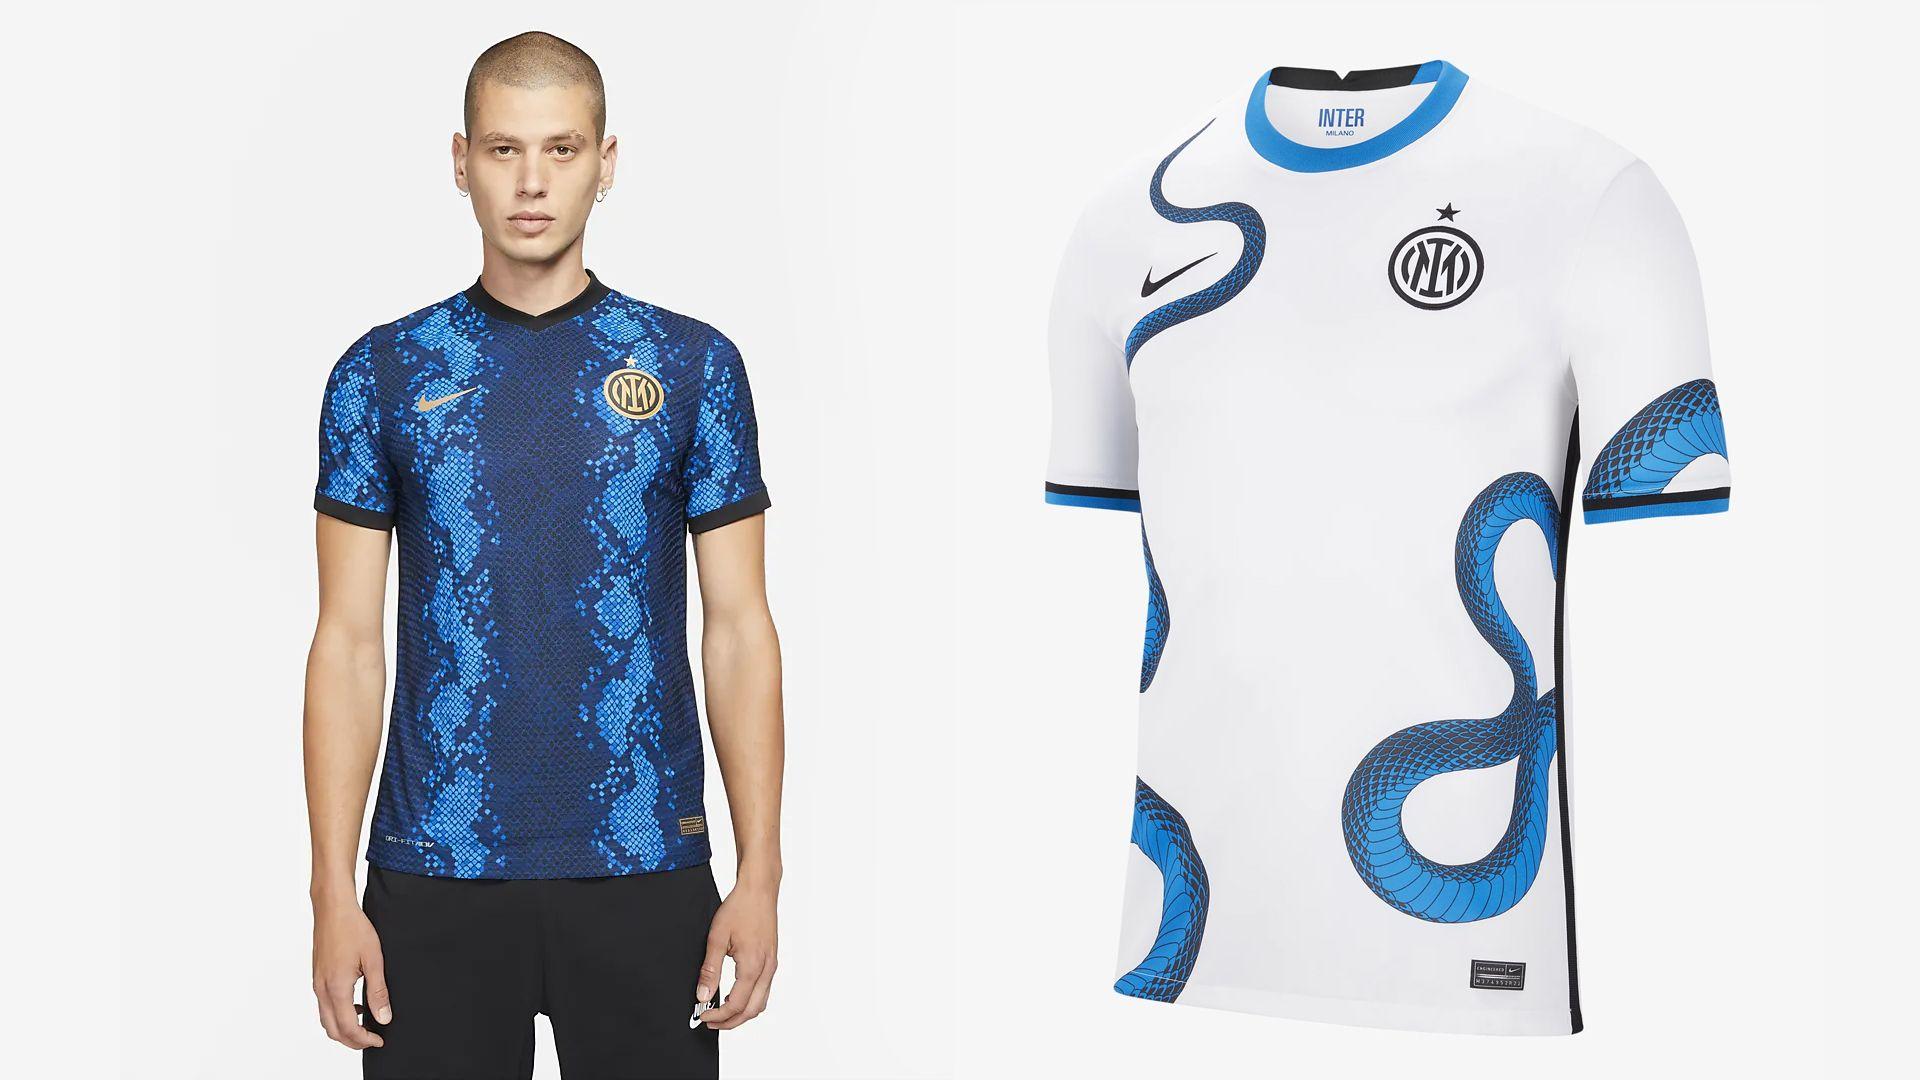 Camisa da Inter de Milão 2021 (Imagem: Divulgação/Nike)